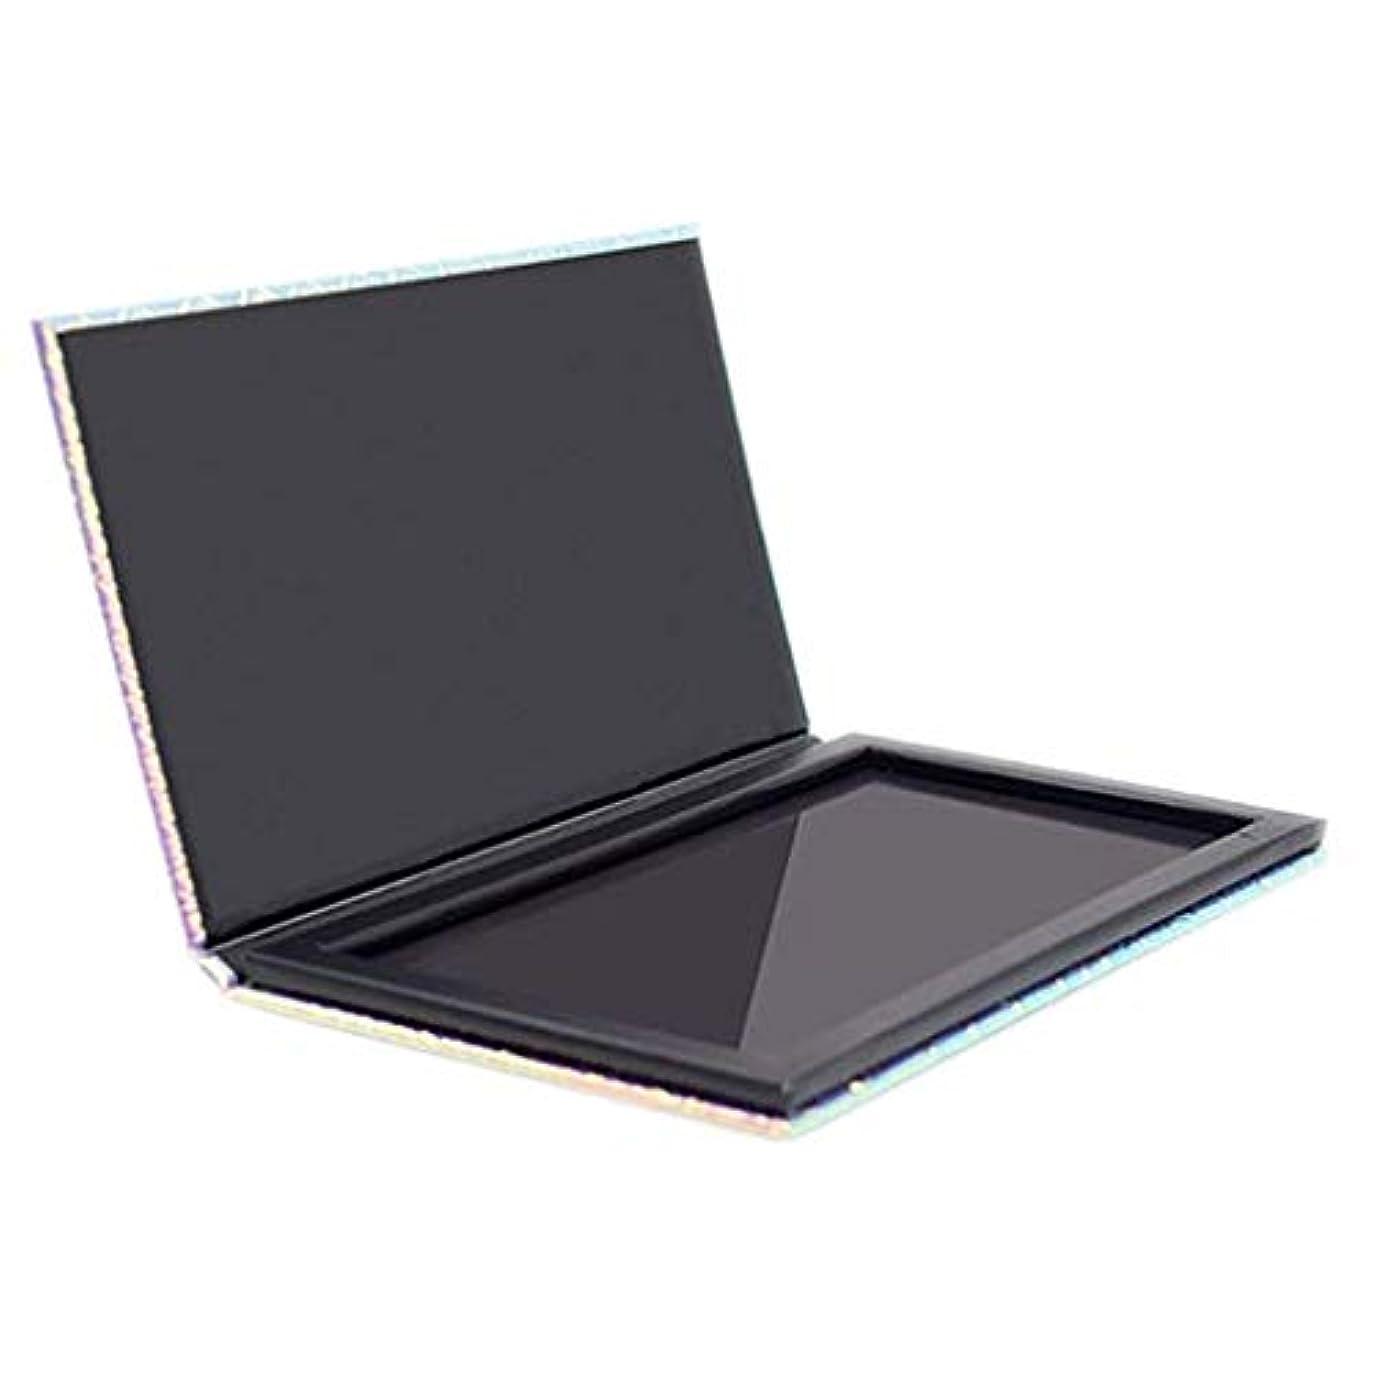 ために統合する強制空の磁気パレット化粧パレットパッドヒョウ大パターンDIYパレット新しい